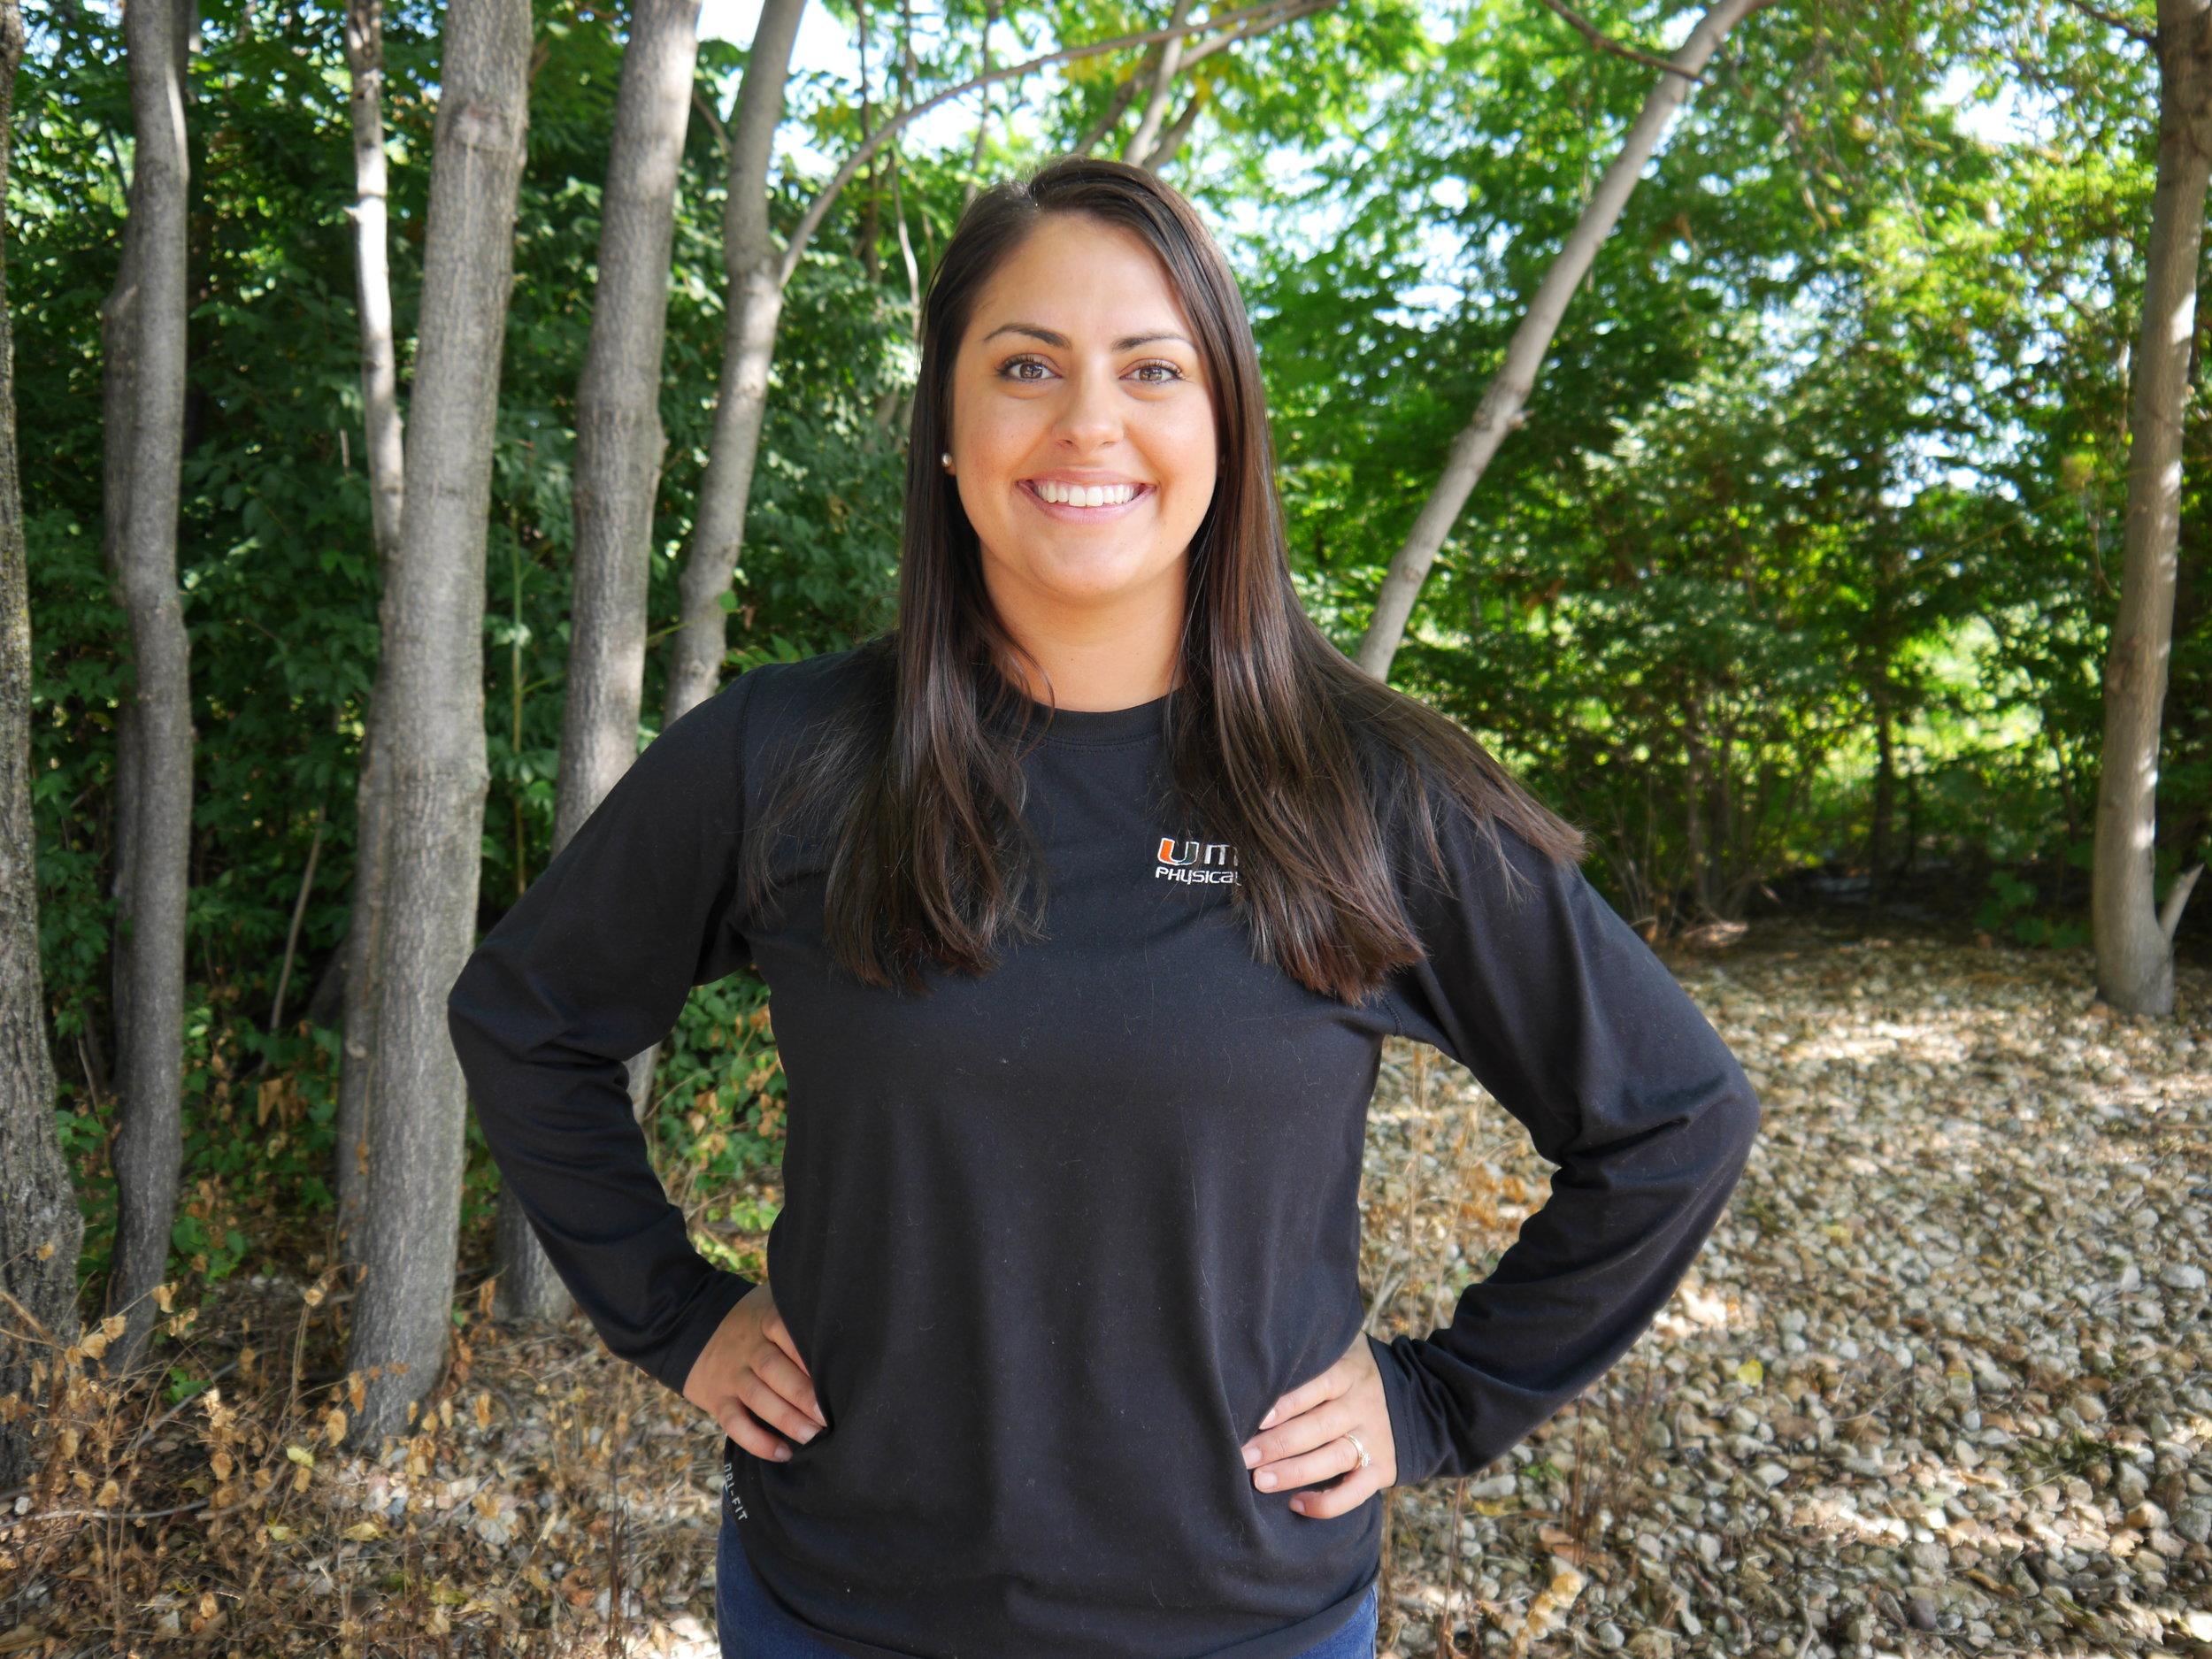 Elizabeth Stoutenborough   PT, DPT, ATC/L  Physical Therapist